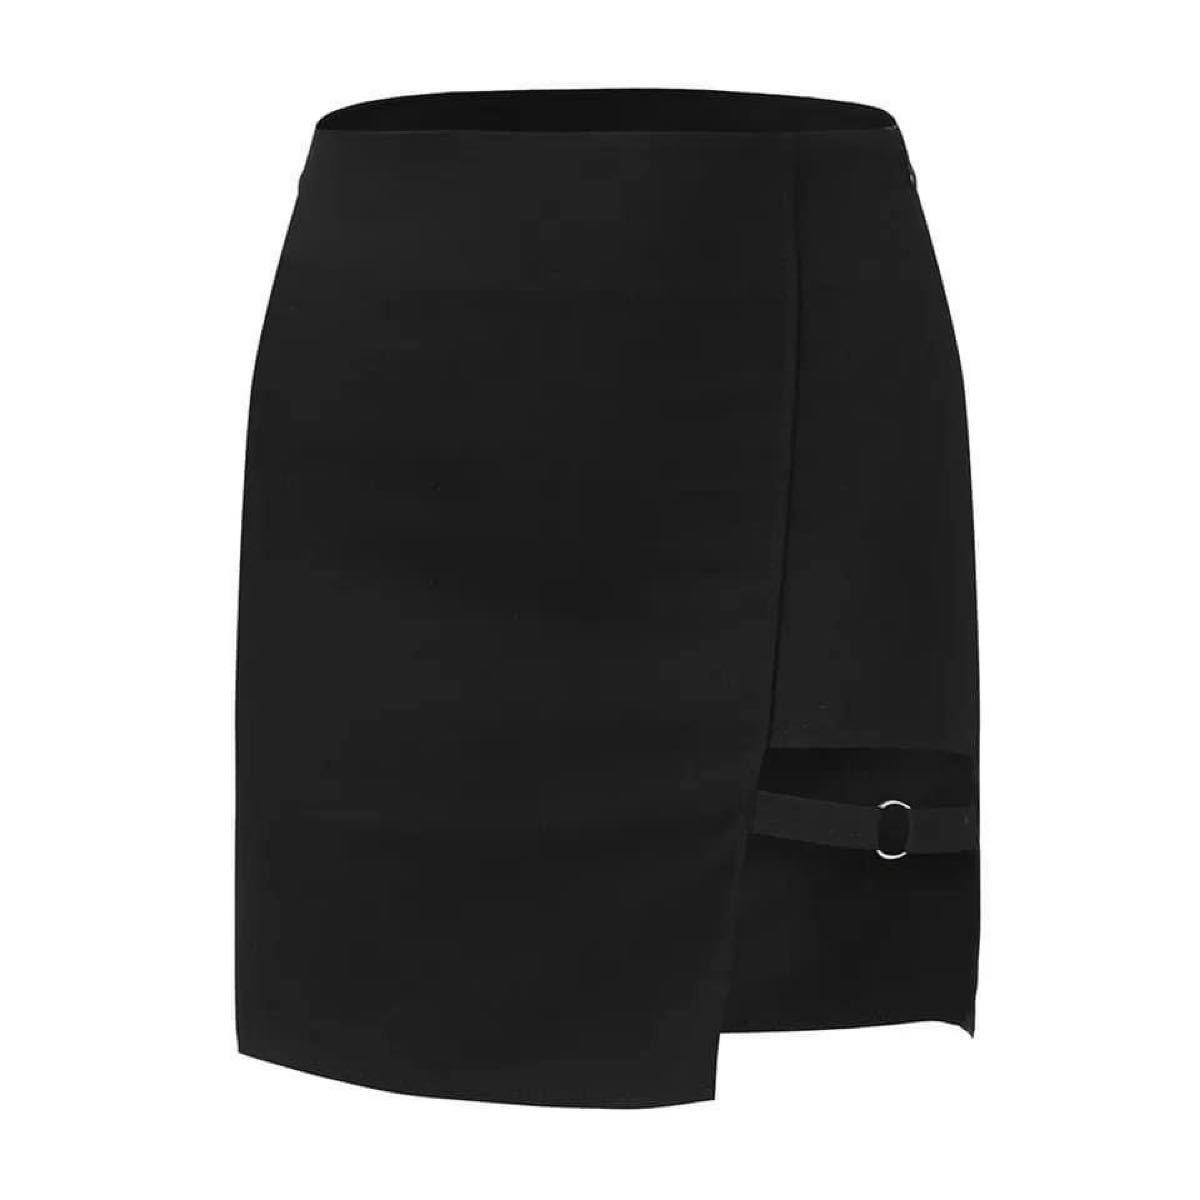 タイトスカート ミニスカート ブラック セクシー スカート アシンメトリー 美脚 黒 韓国ファッション オルチャン S コスプレ